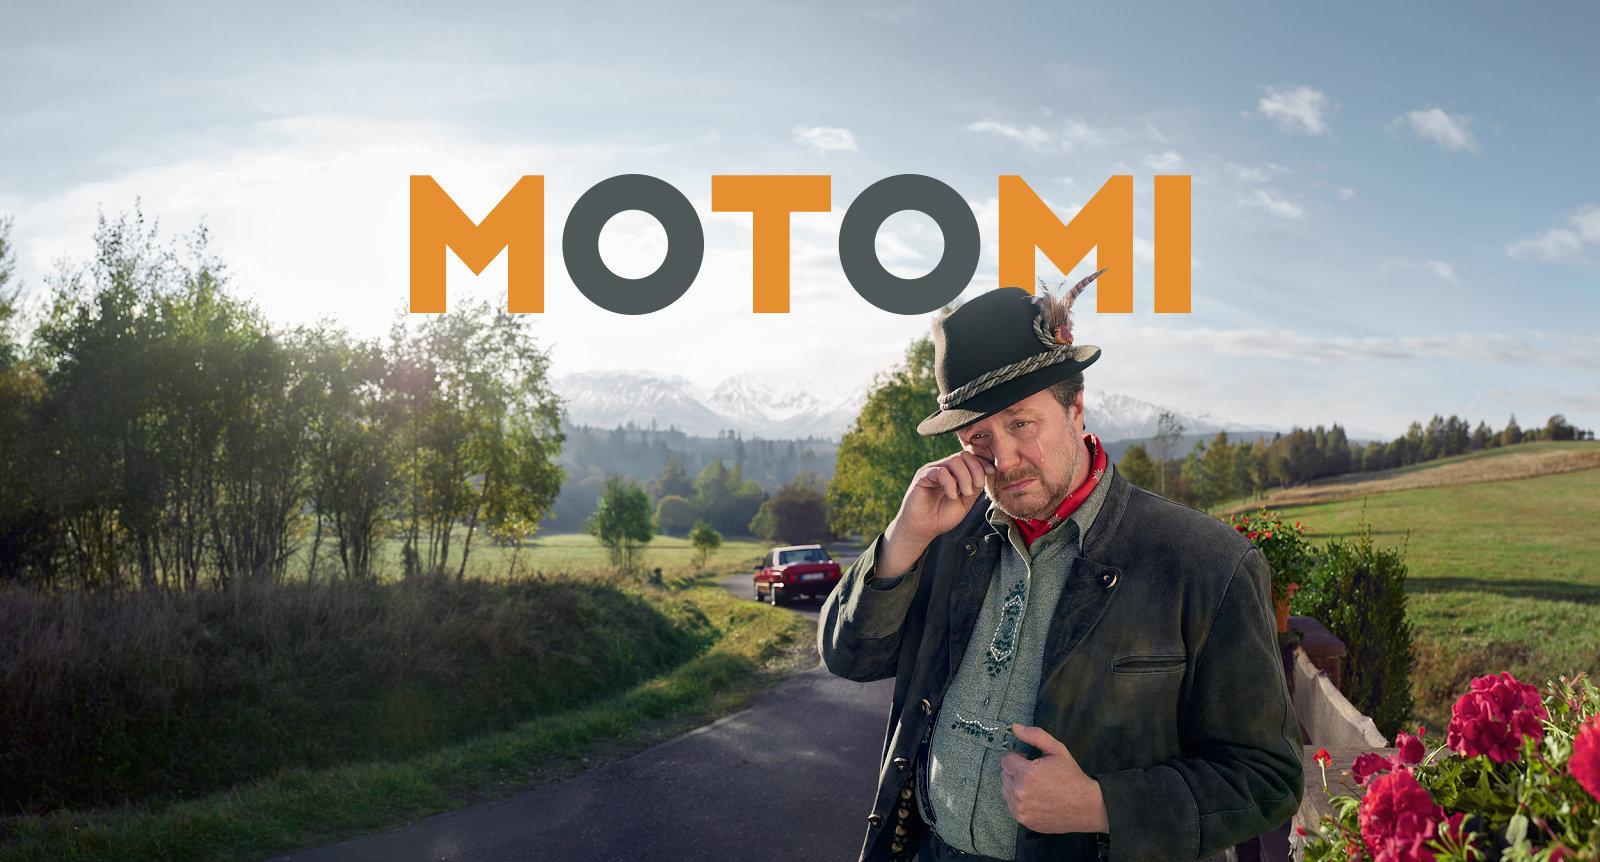 MOTOMI.pl - nowy serwis ogłoszeń motoryzacyjnych rozpoczyna kampanię w mediach